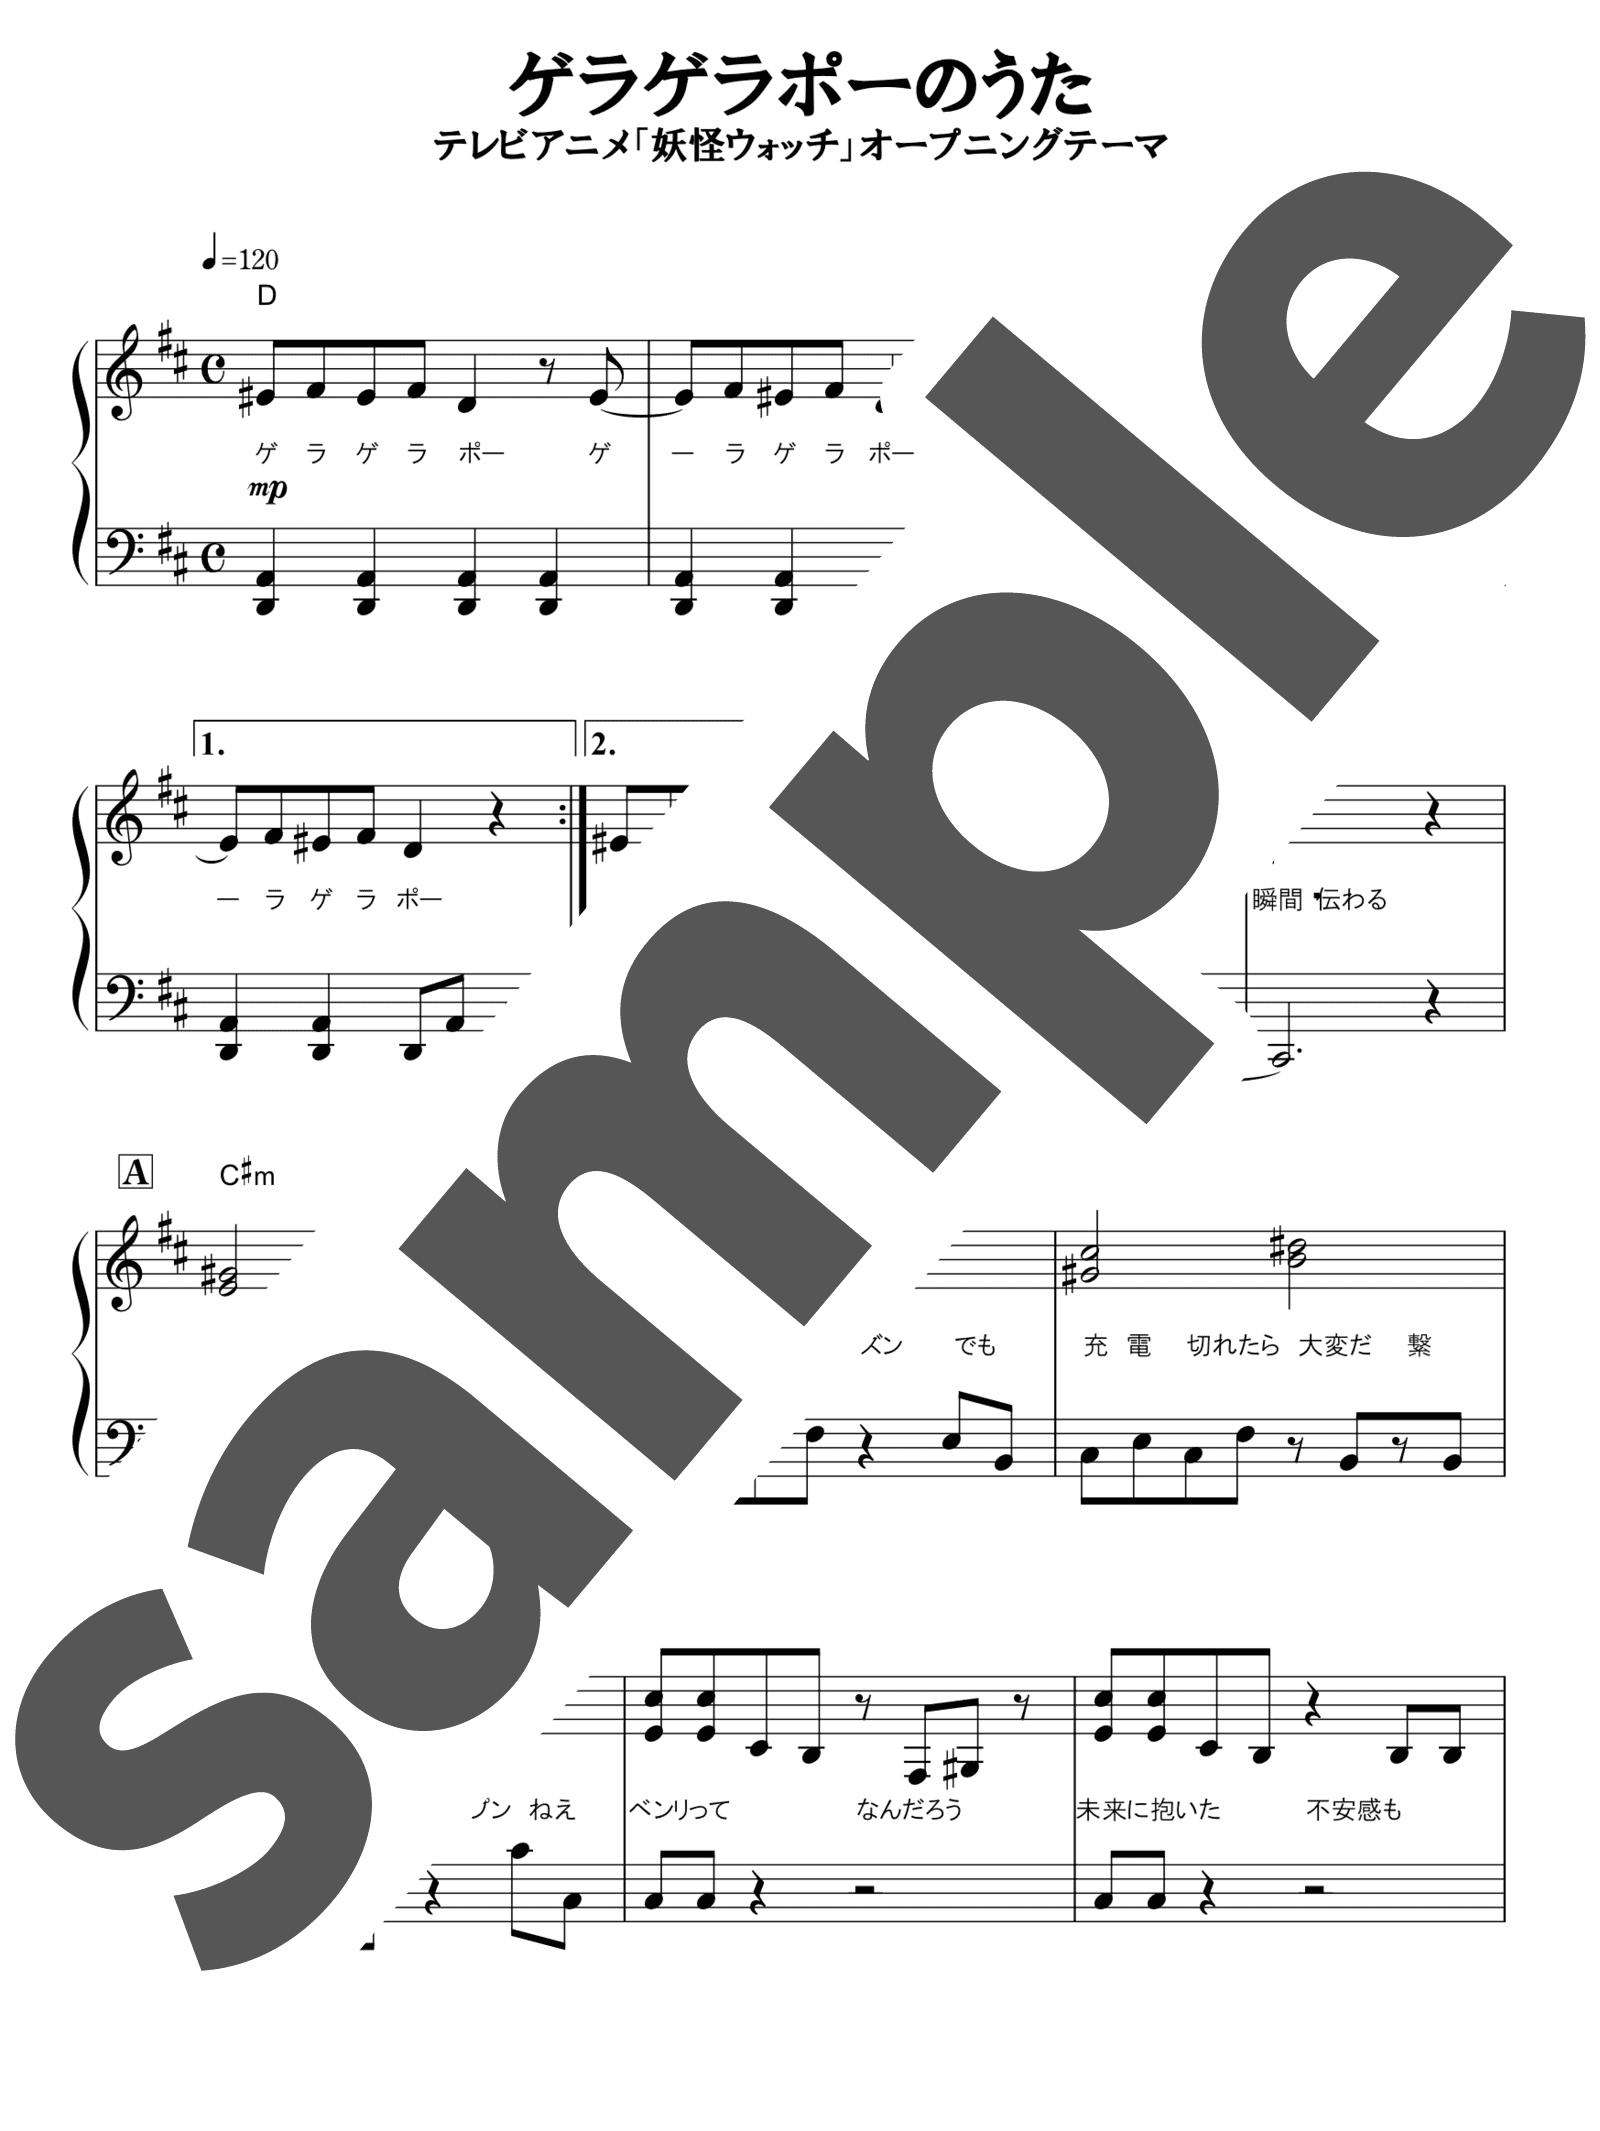 「ゲラゲラポーのうた」のサンプル楽譜